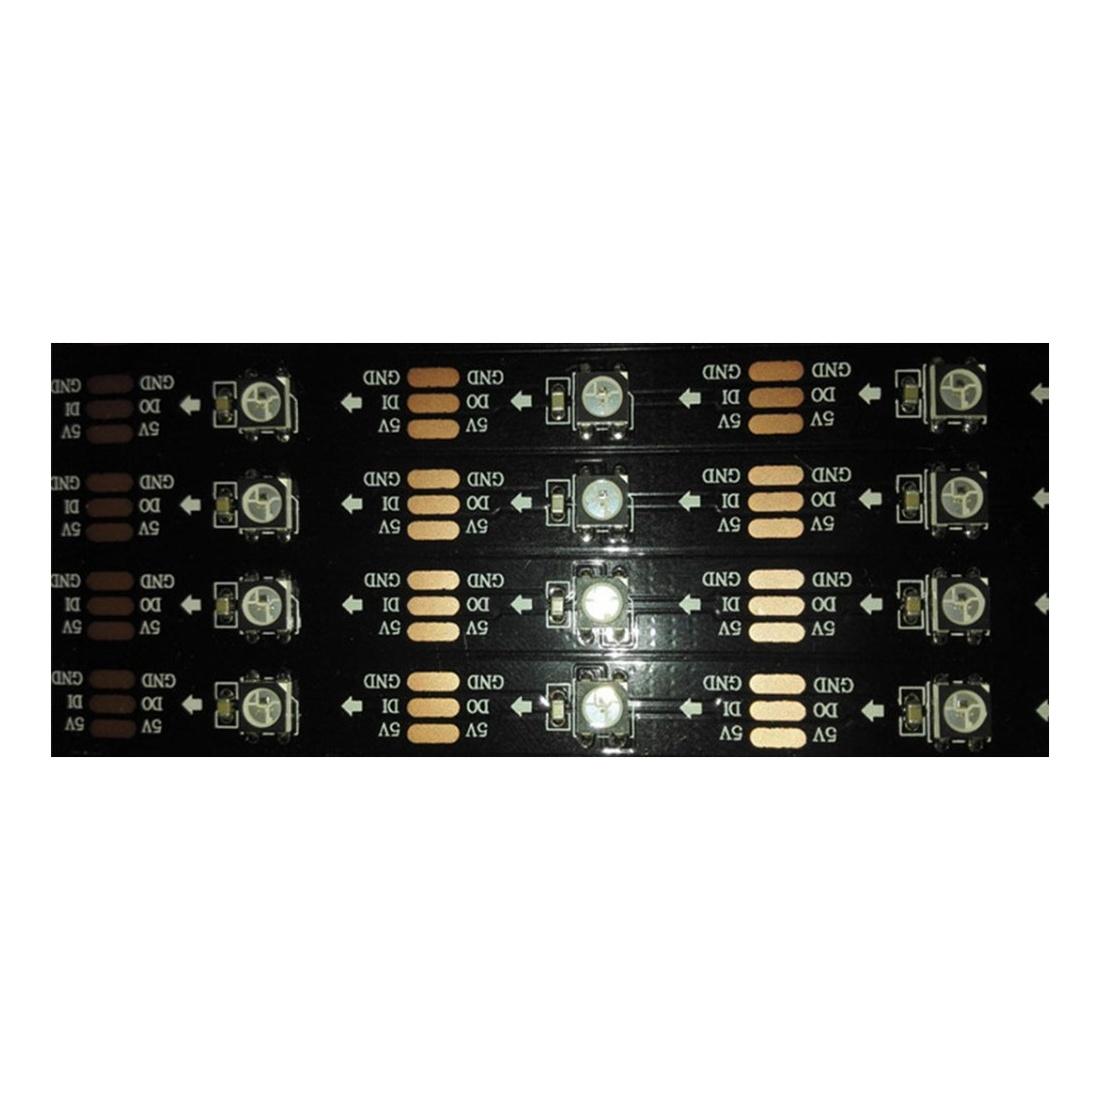 ws2812 digital rgb led strip